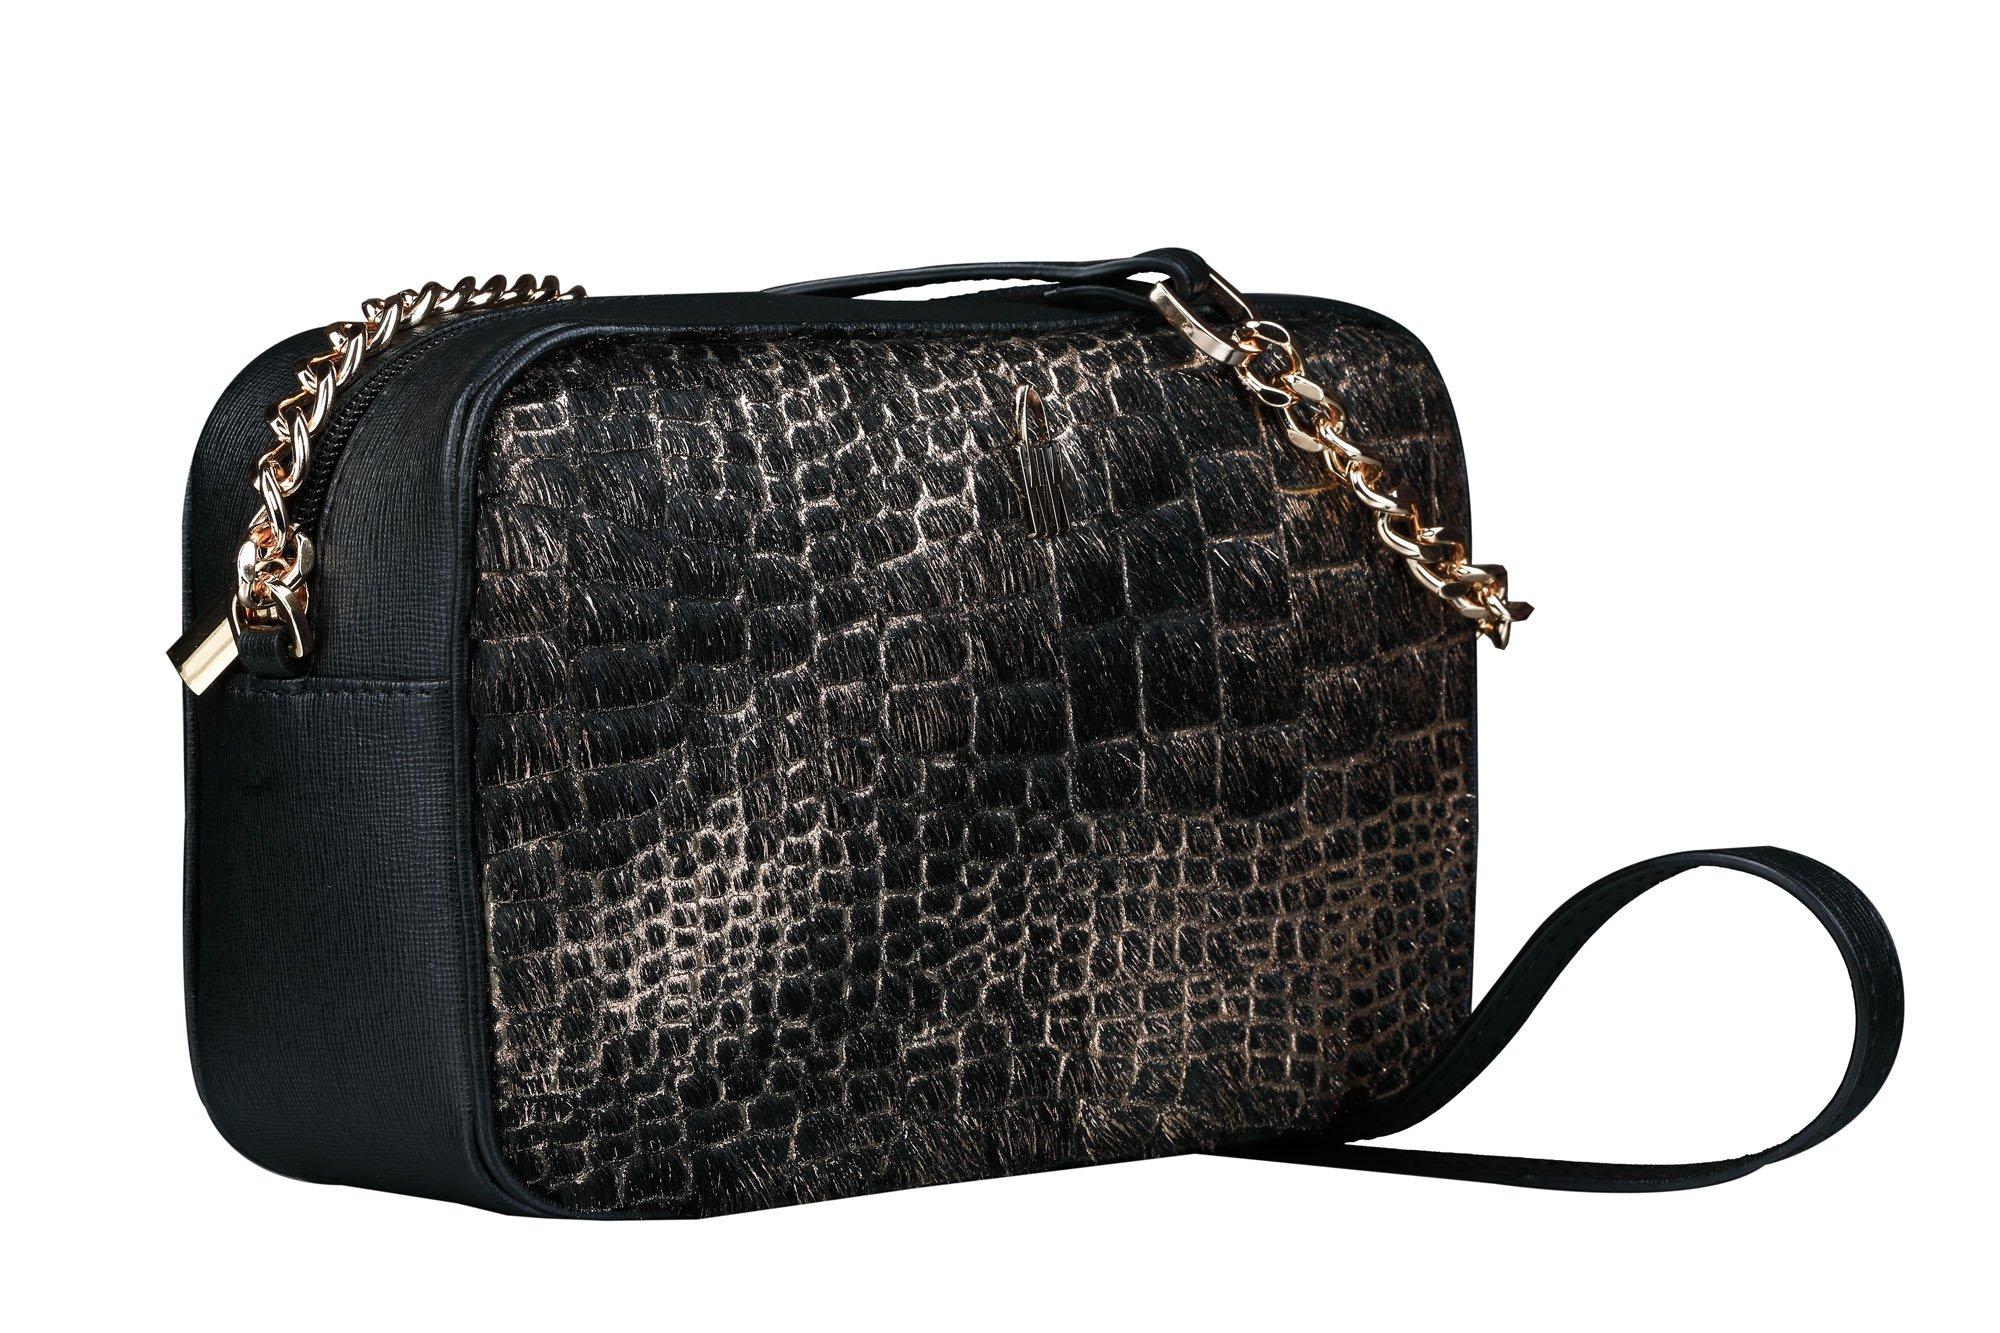 Malé luxusné kožené kabelky crossbody Wojewodzic čiernožltej s vlasom  31747 . 1 dfd2168e7a4